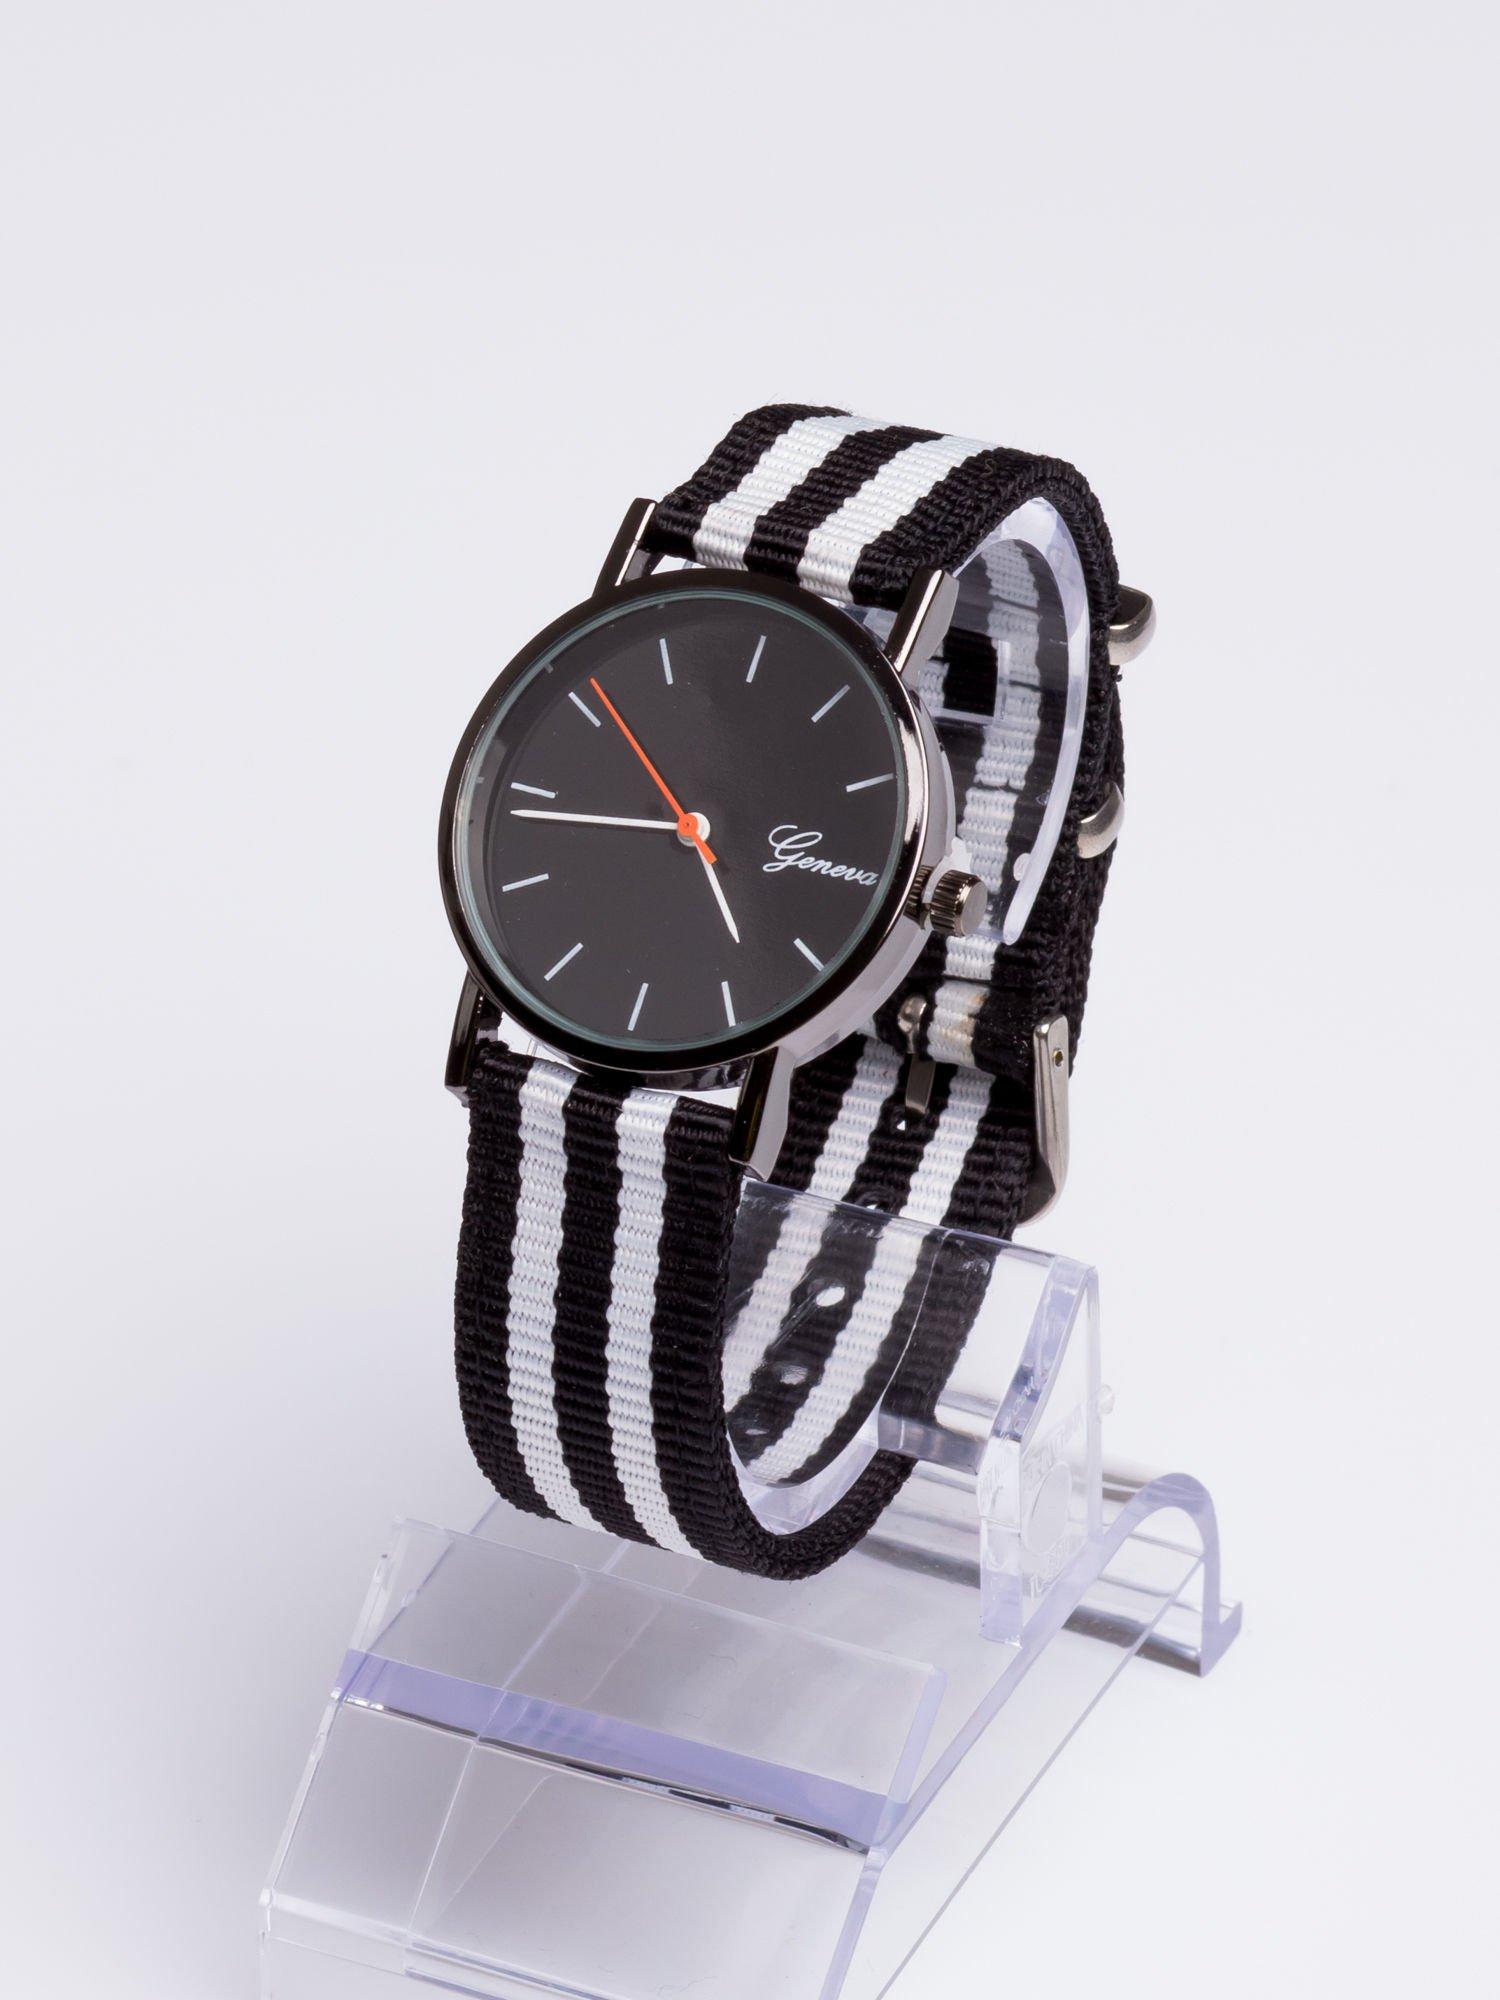 GENEVA Czarny zegarek unisex z modnym materiałowym kolorowym paskiem                                  zdj.                                  2